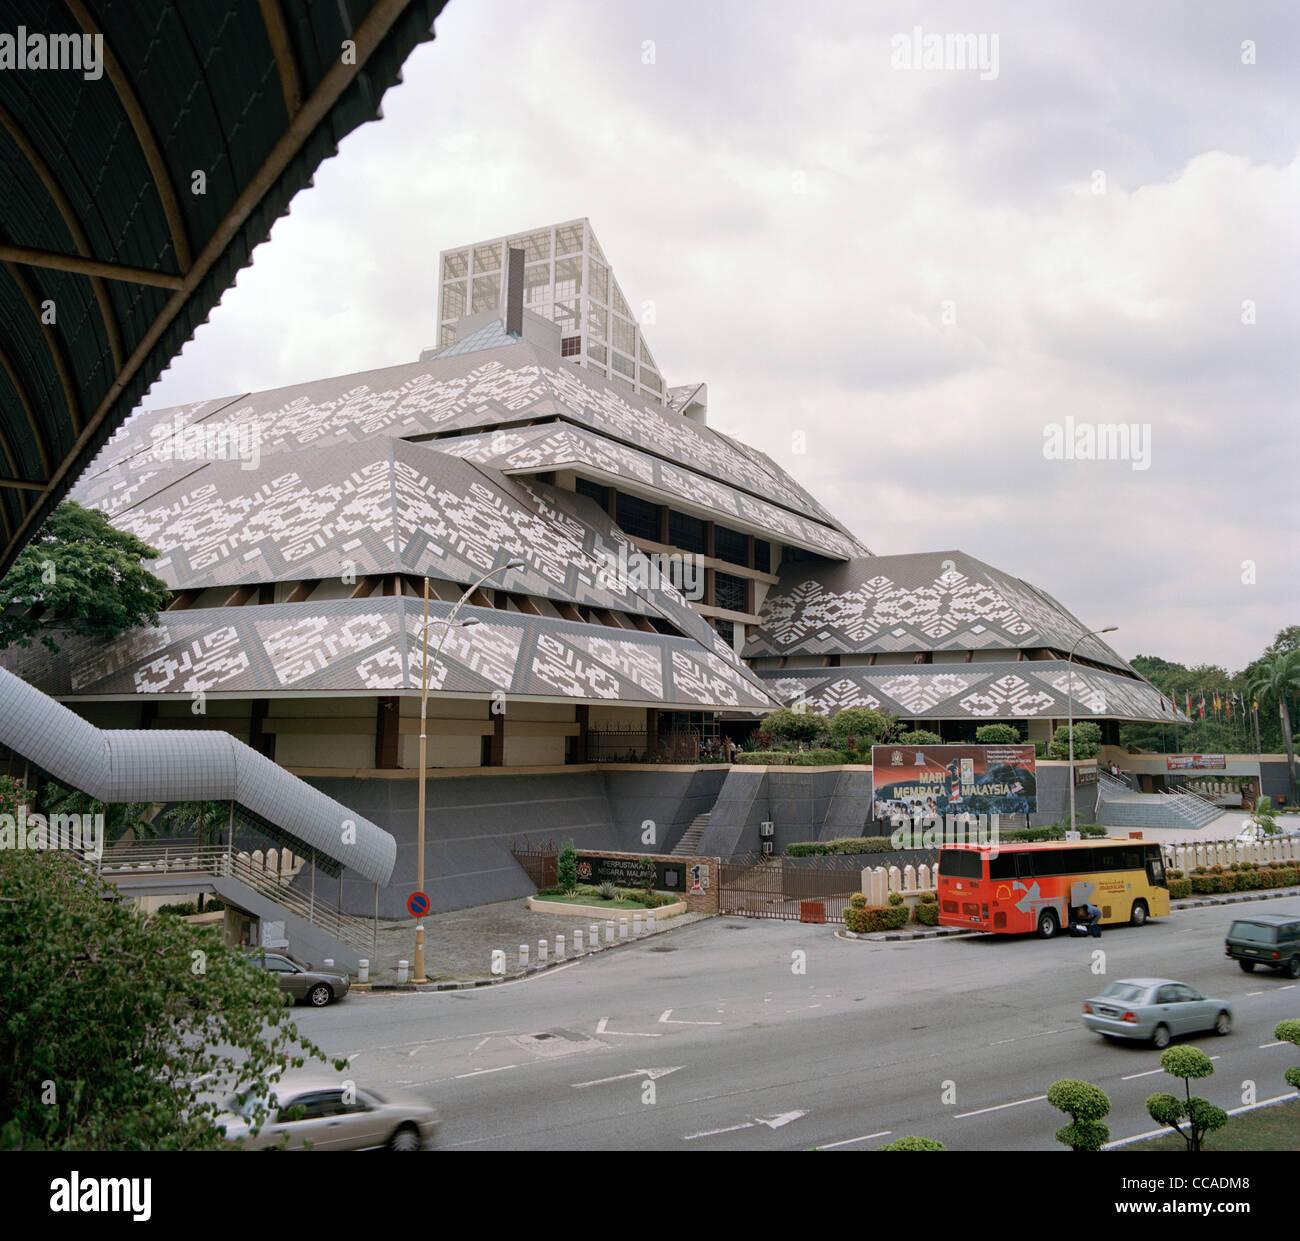 National Library Of Malaysia In Kuala Lumpur In Malaysia In Far East Stock Photo Alamy